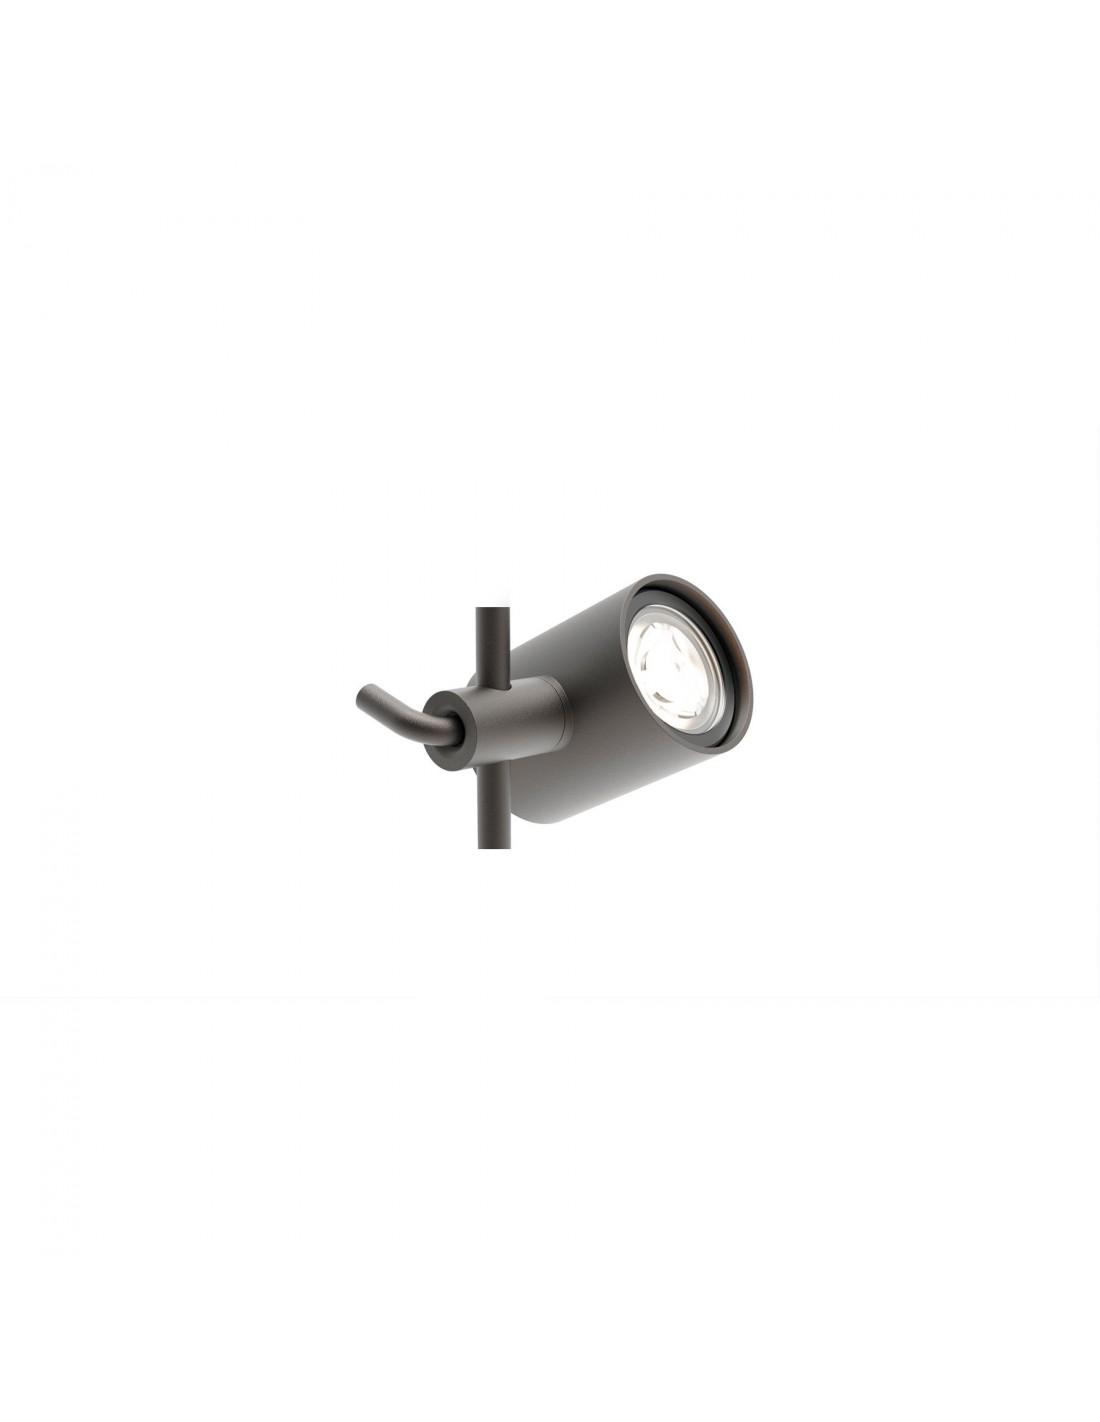 Retrouvez le spotty Spike lamp de la marque Royal Botania disponible chez Valente Design